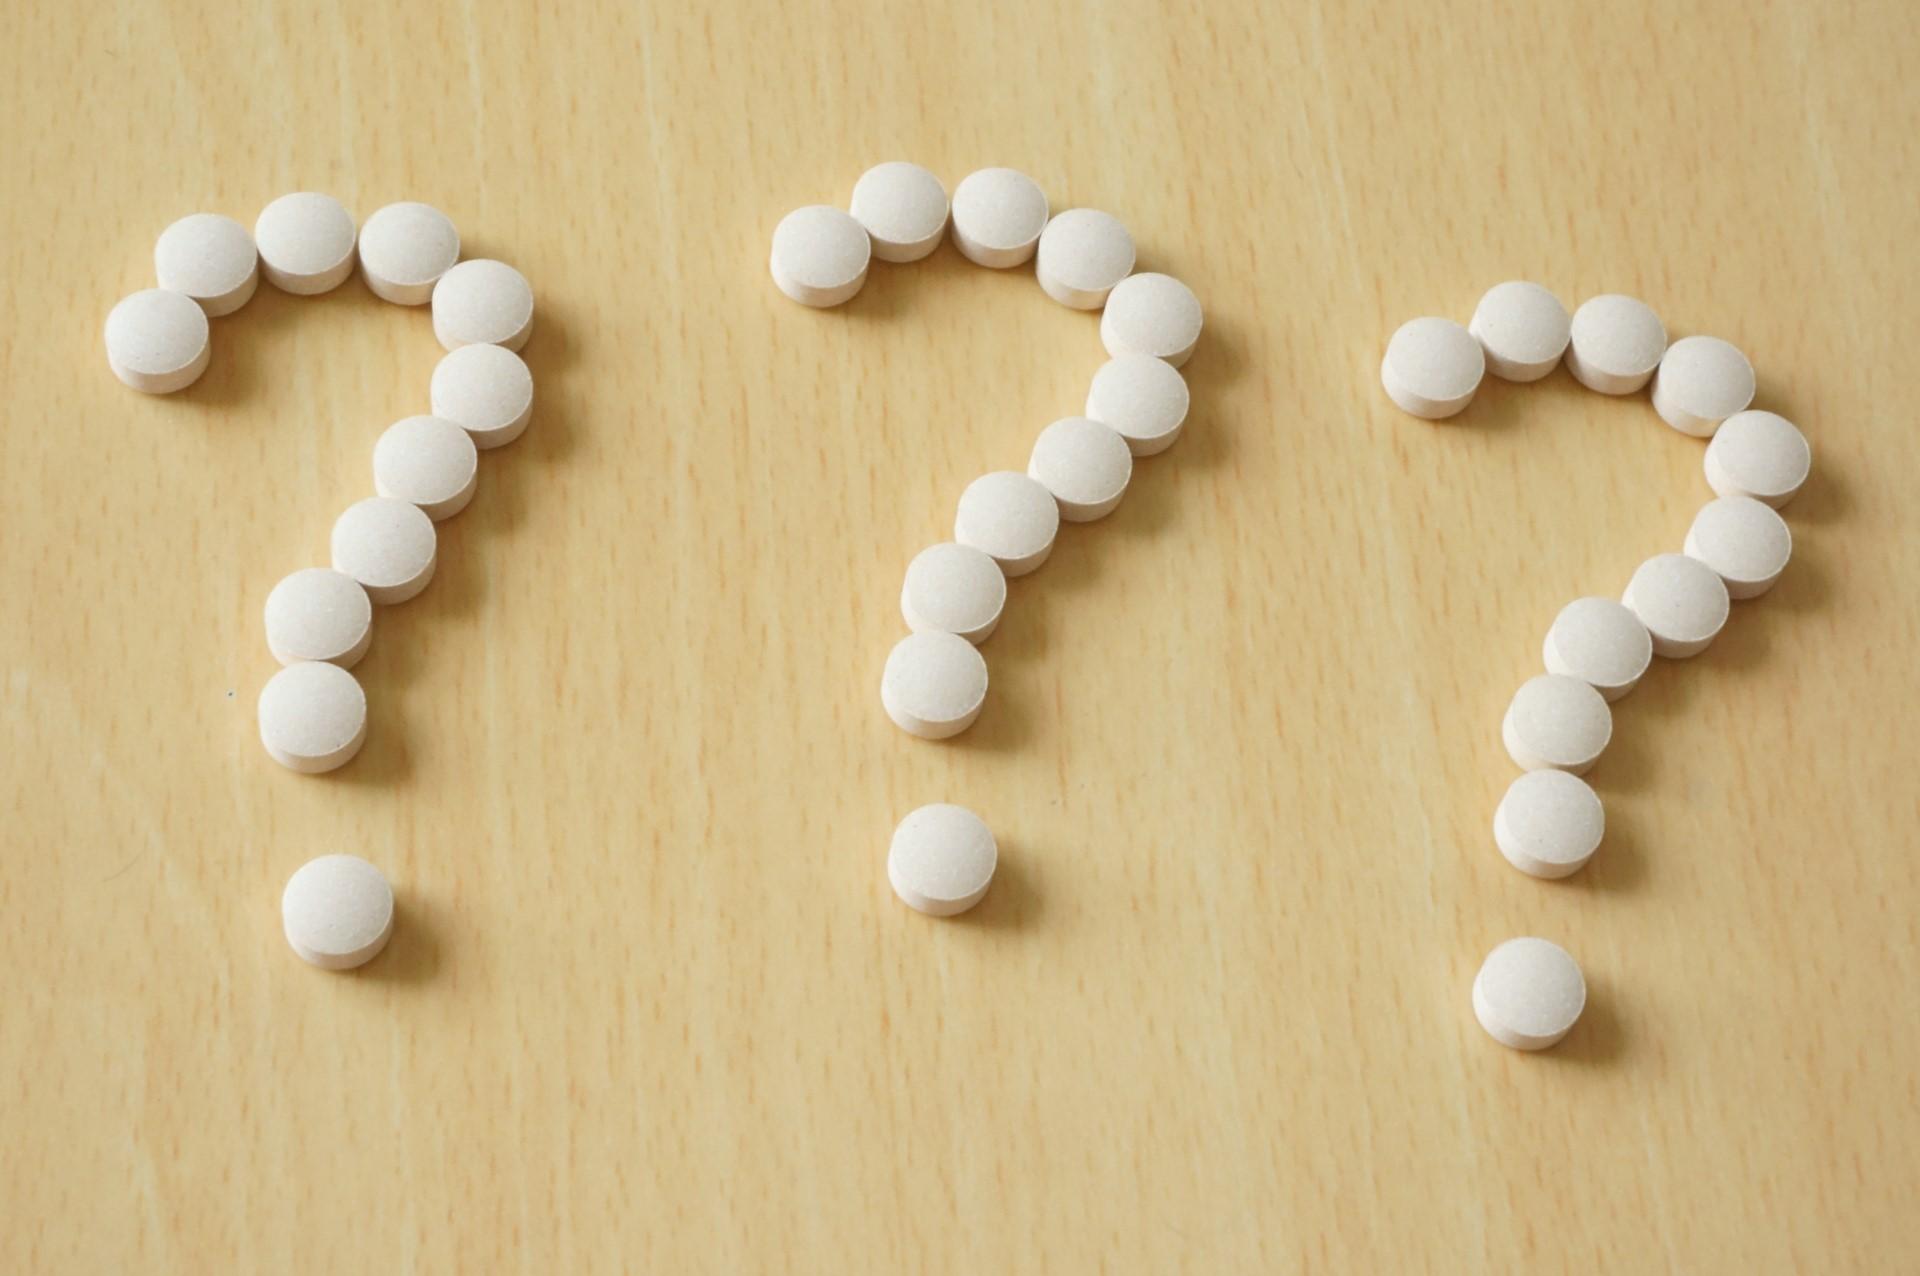 市販のカビ除去剤の多くは漂白効果の方が強い?